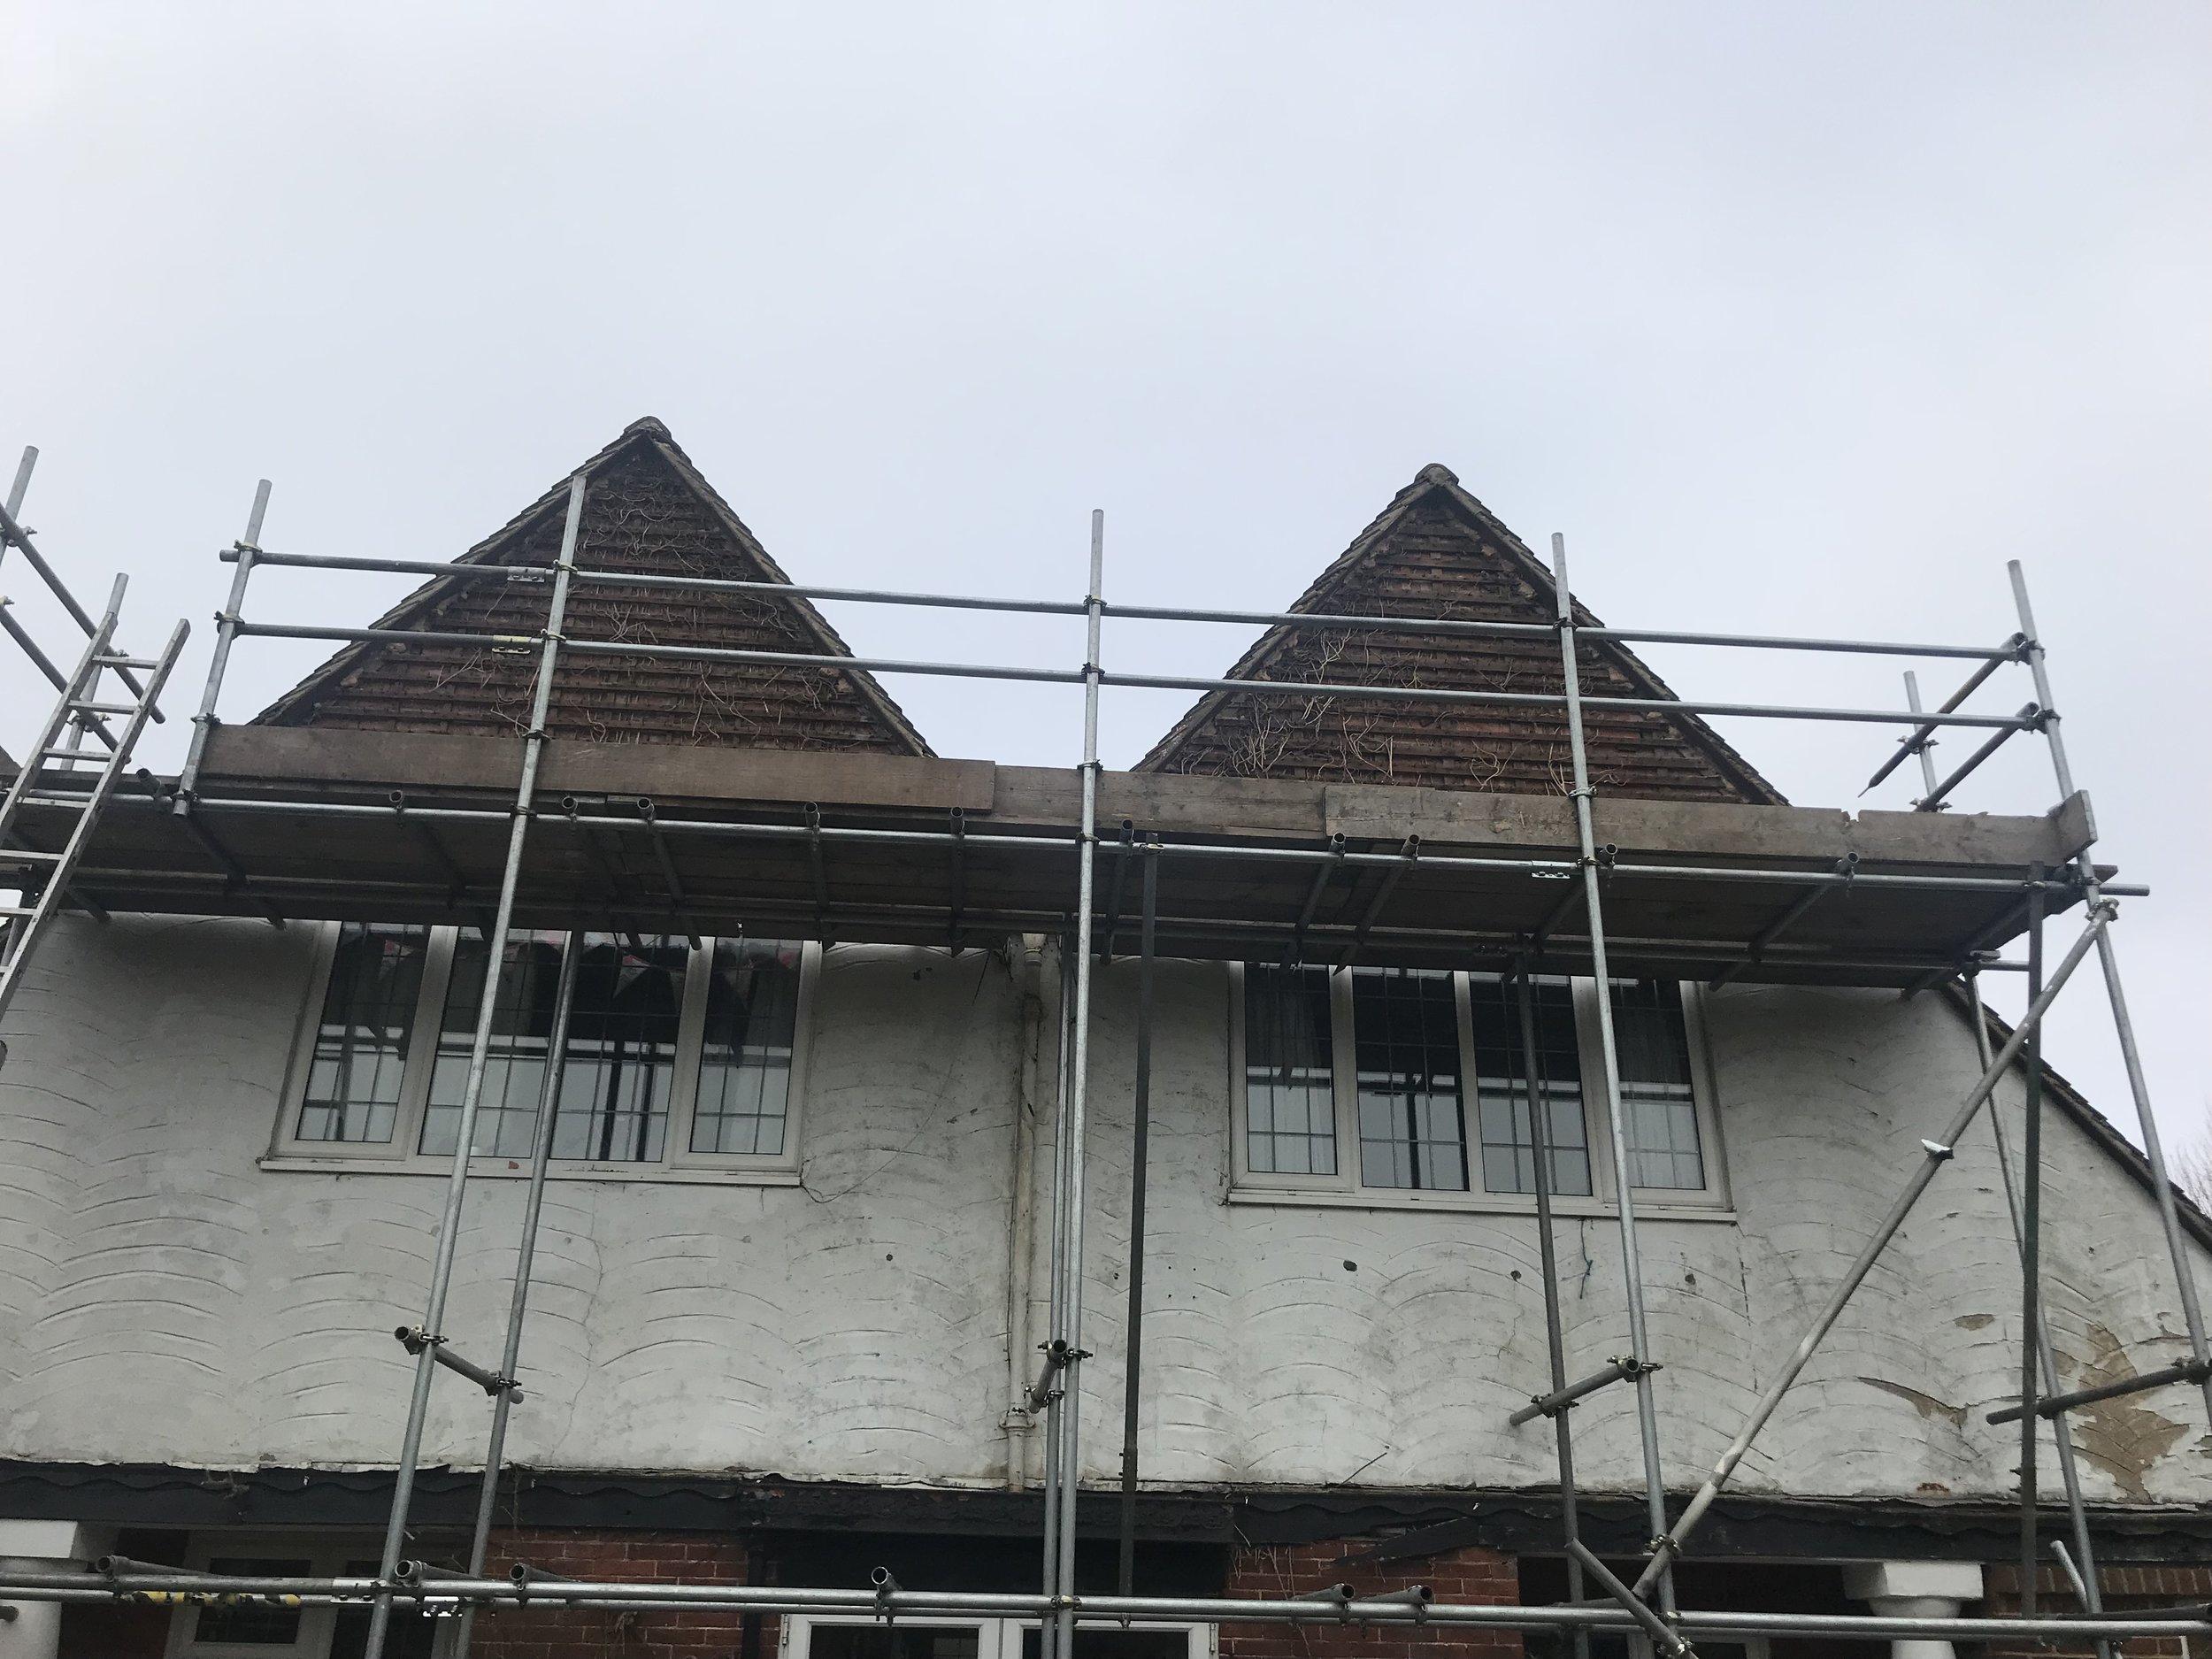 Local scaffolding service